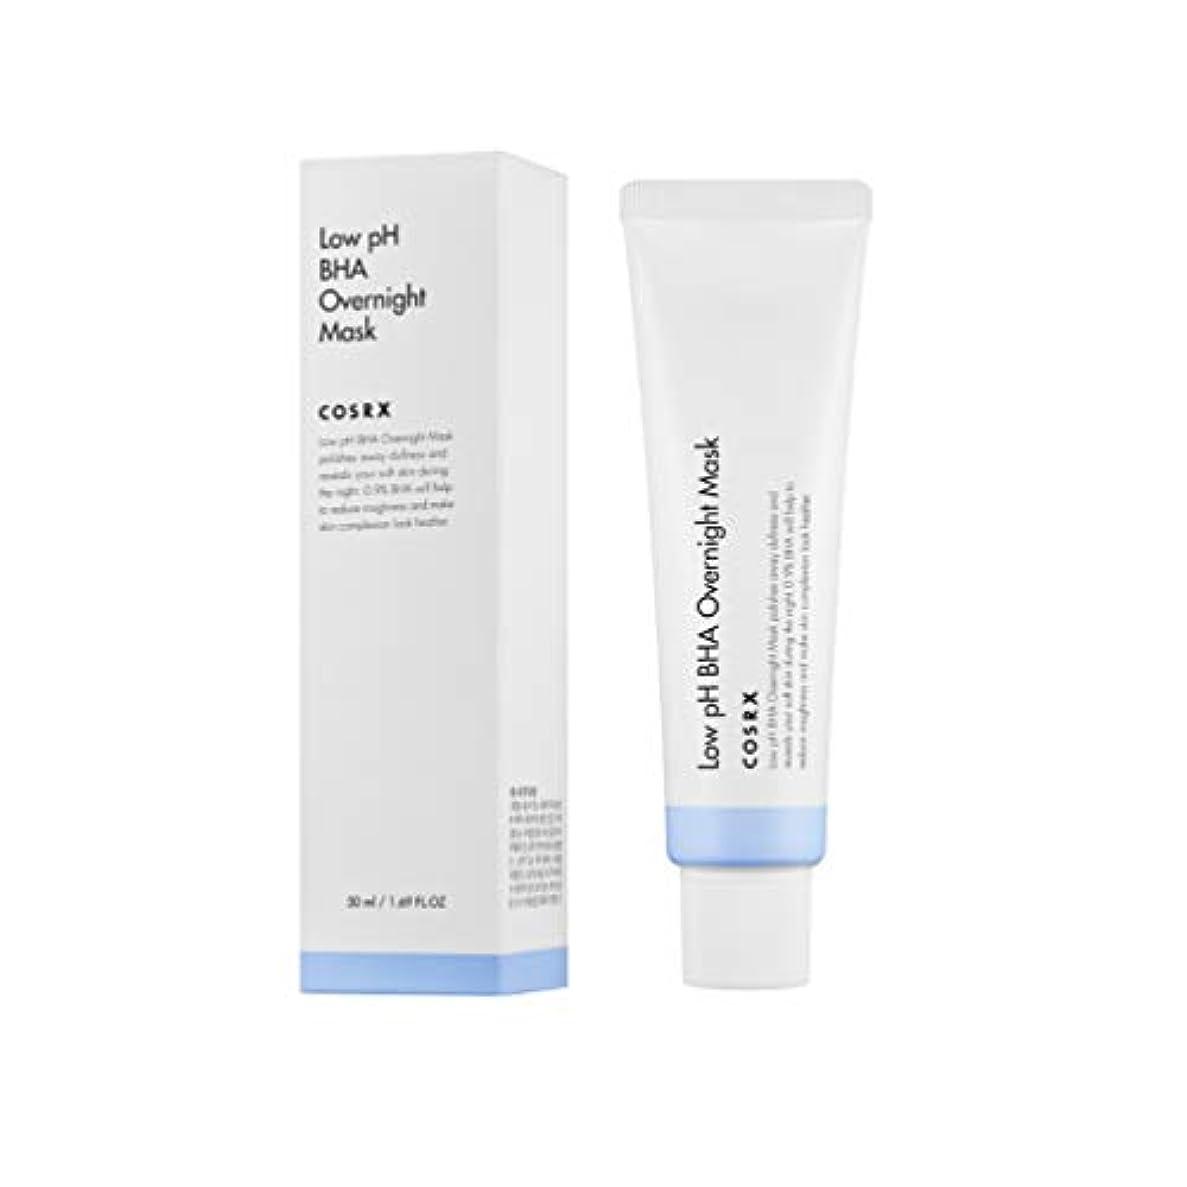 一般ランドマークシェルCOSRX 弱酸性 BHA オーバーナイト マスク / Low pH BHA Overnight Mask (50ml) [並行輸入品]